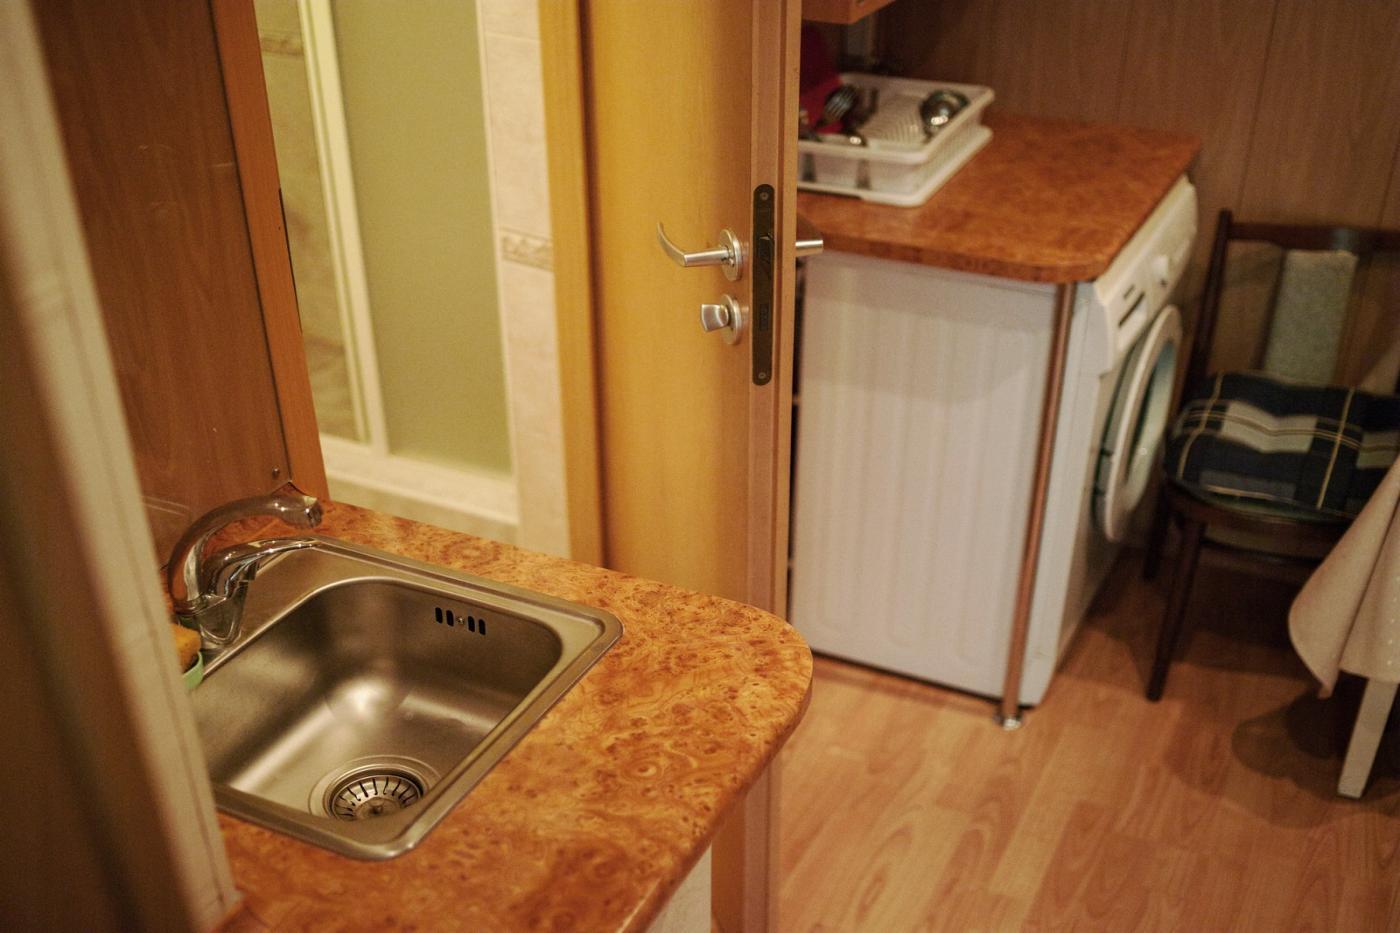 1-комнатная квартира посуточно (вариант № 1537), ул. Ленина улица, фото № 5